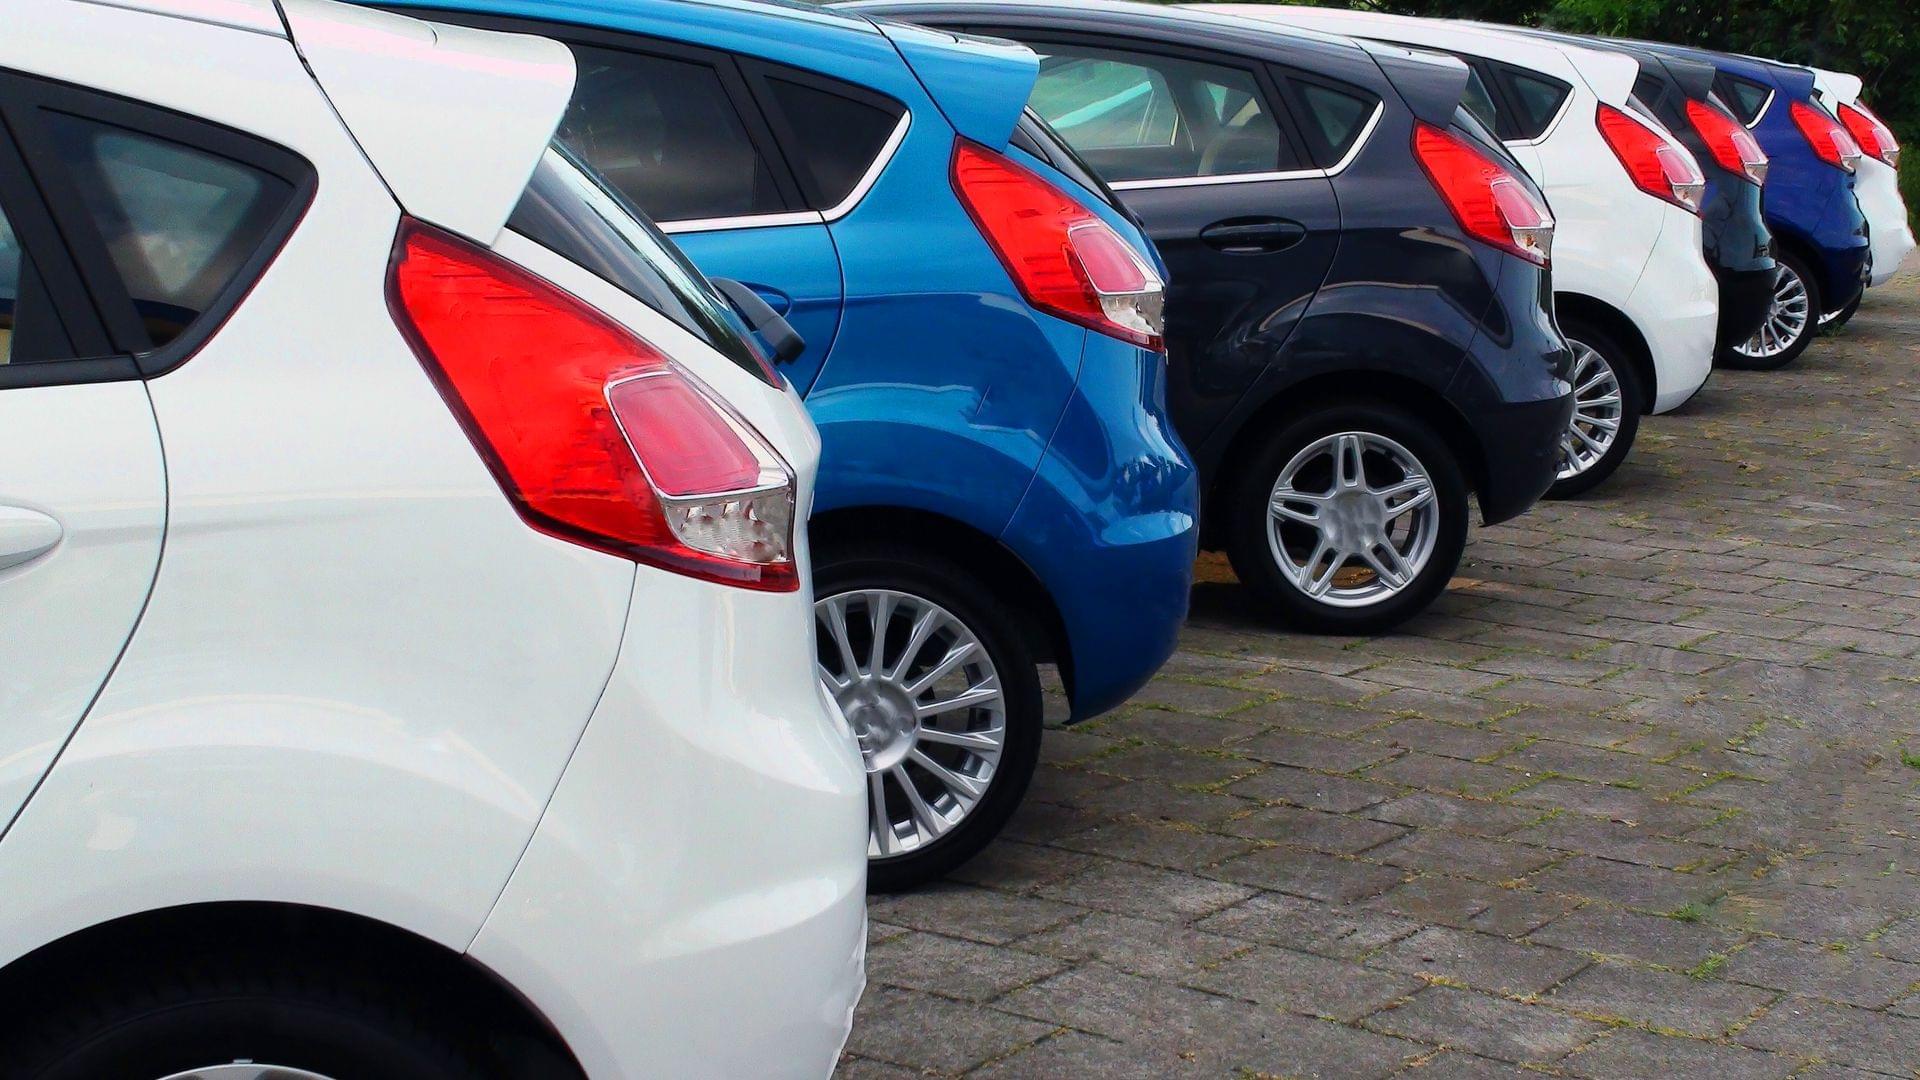 Rewelacyjny Sprzedaż Używanych Samochodów Osobowych w Opatowie, 2019 NA93